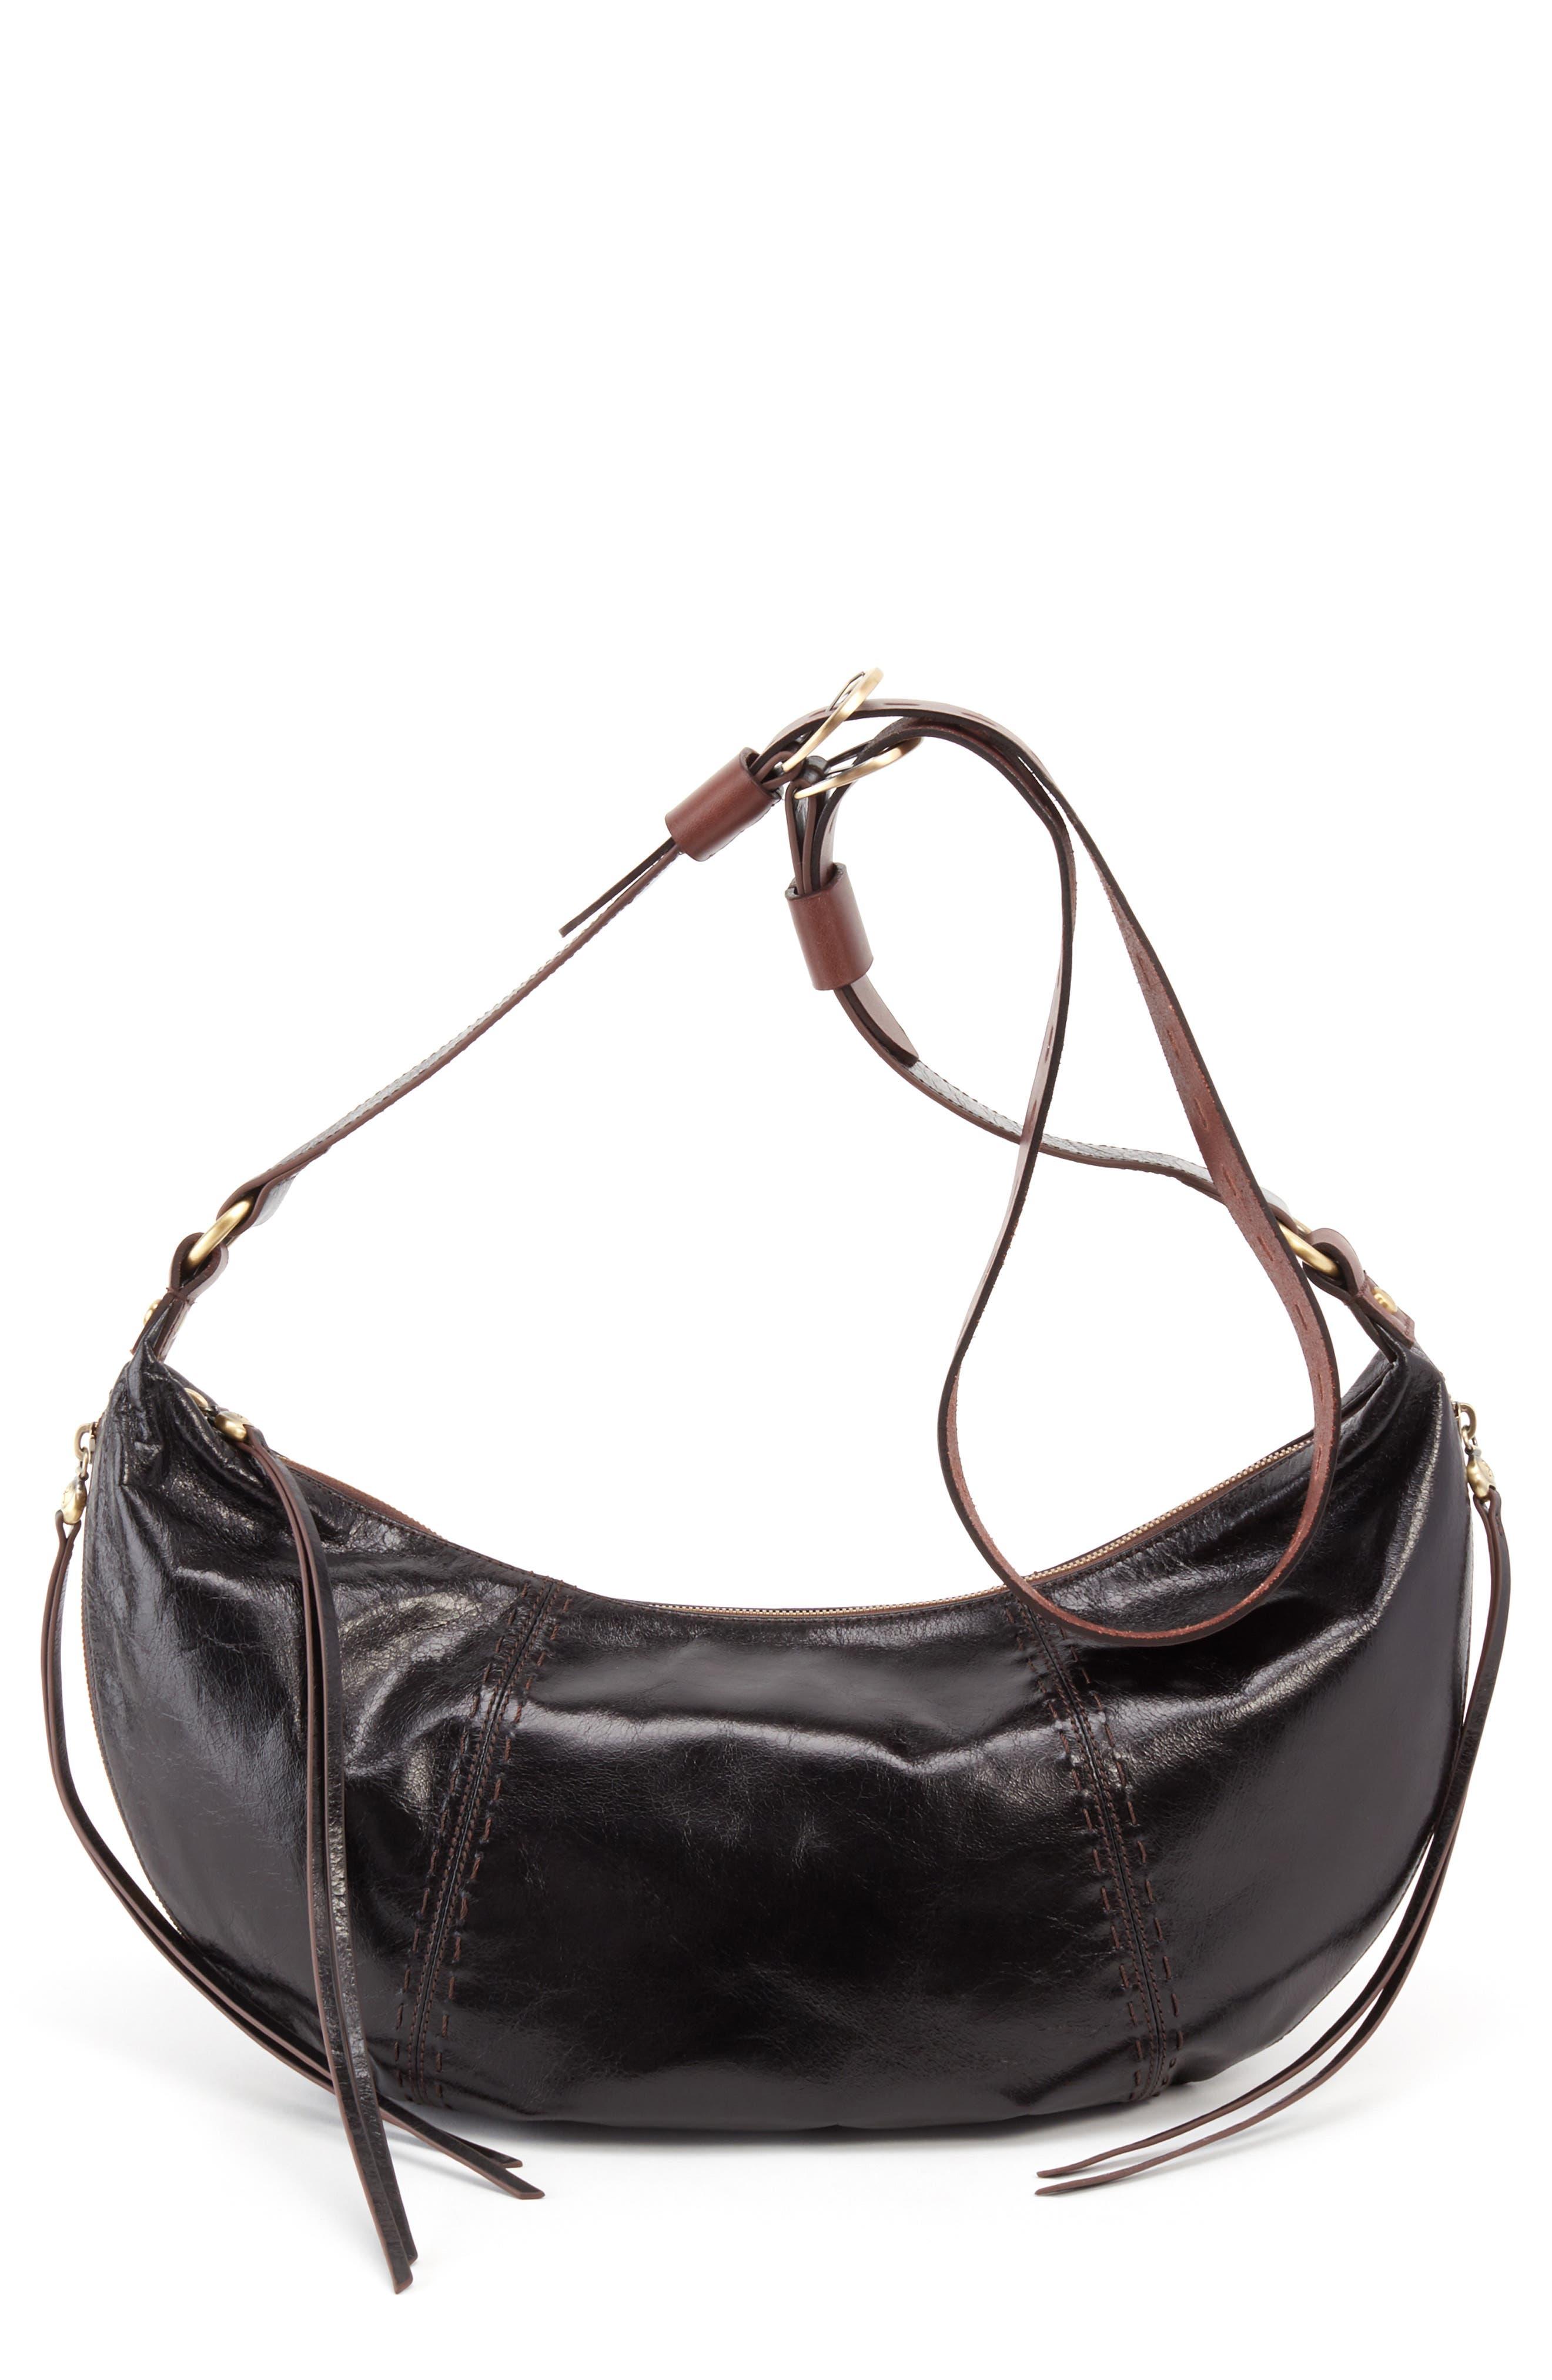 Orion  Hobo Bag,                             Main thumbnail 1, color,                             BLACK